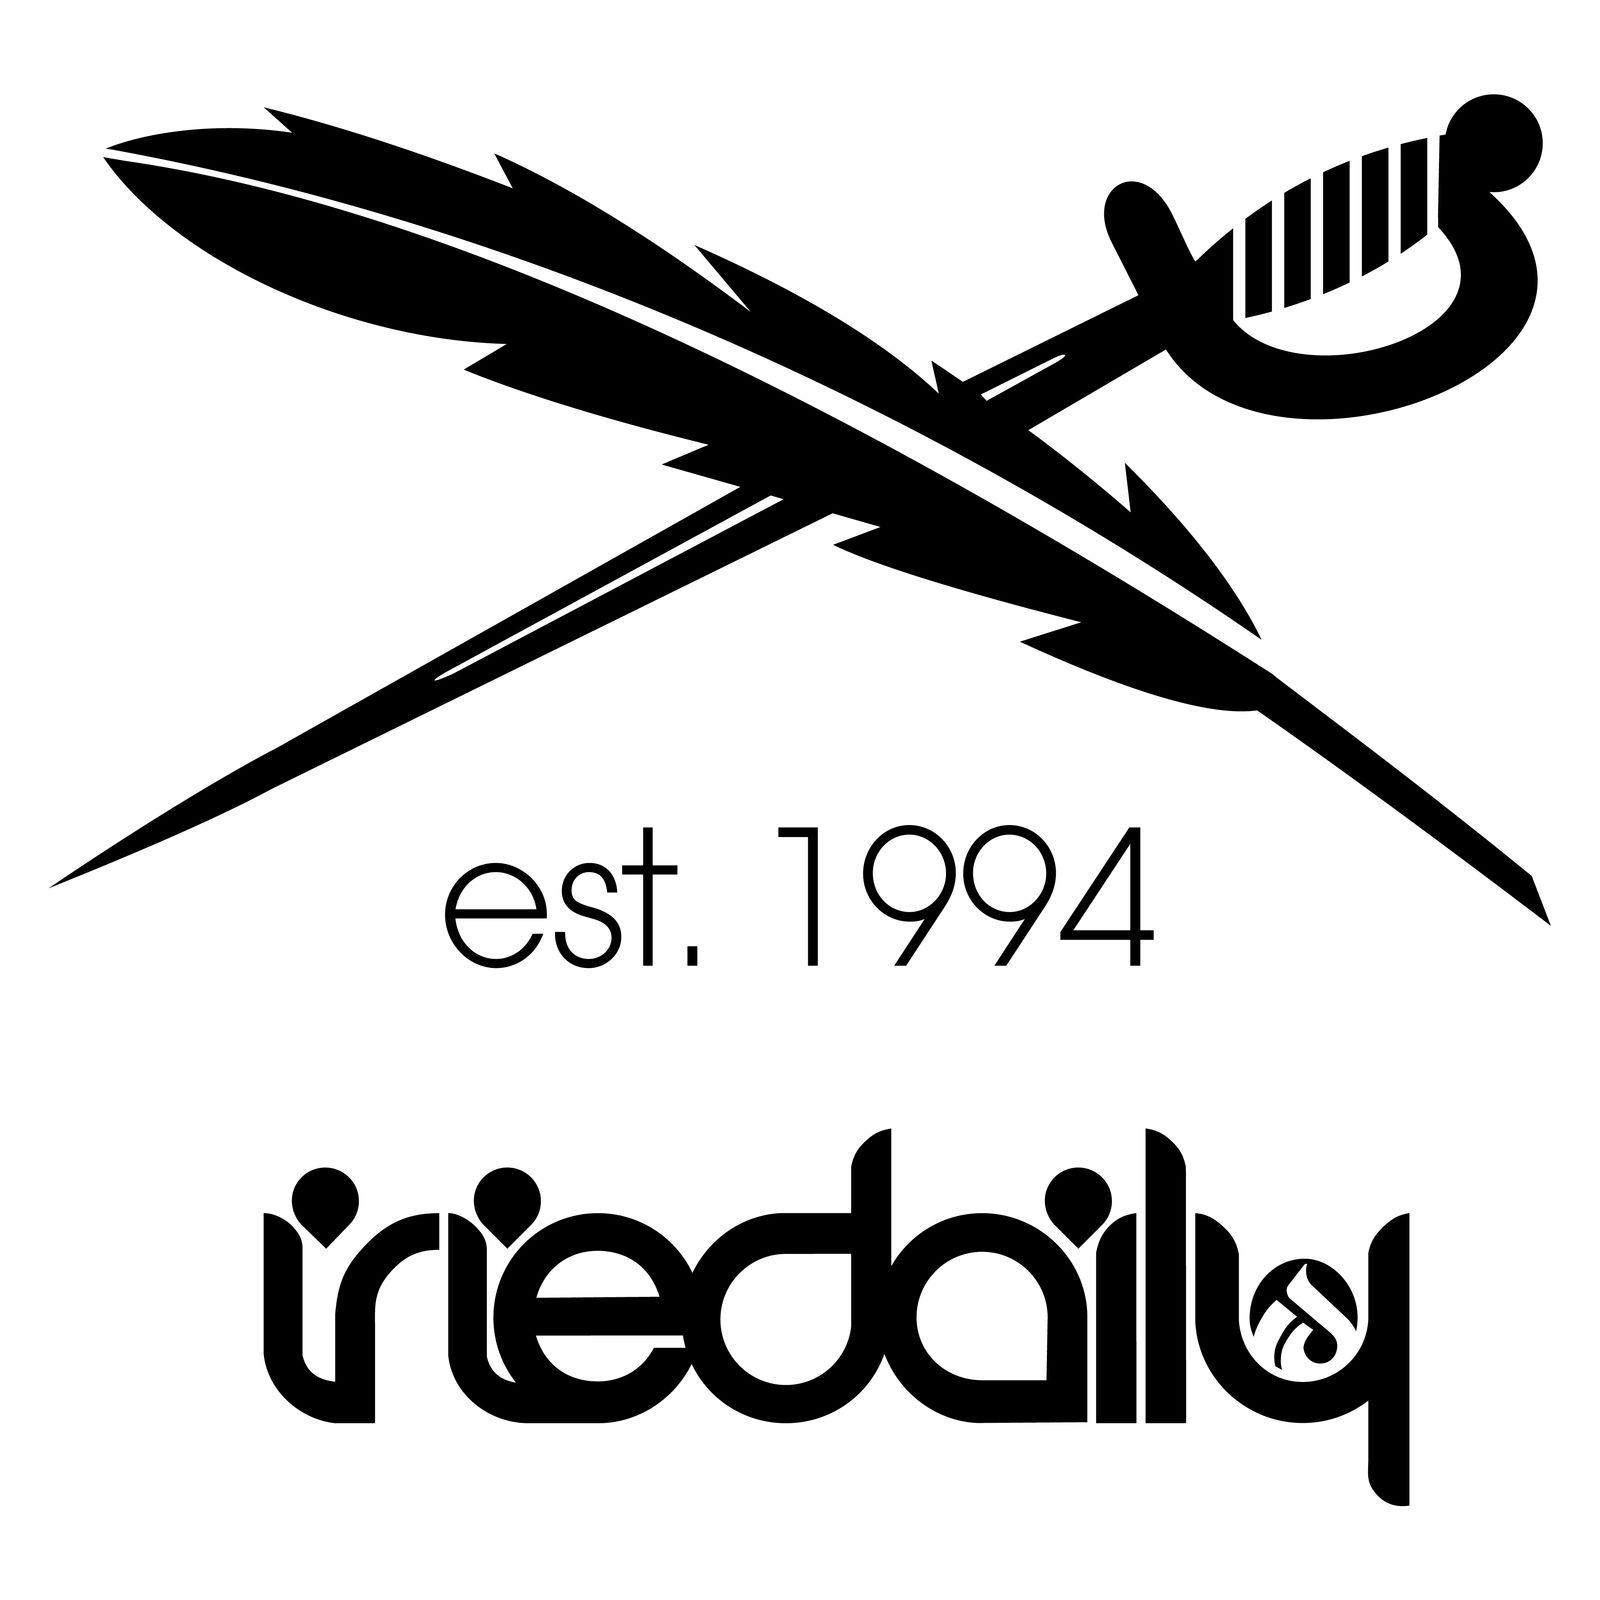 Iriedaily (Bild 1)